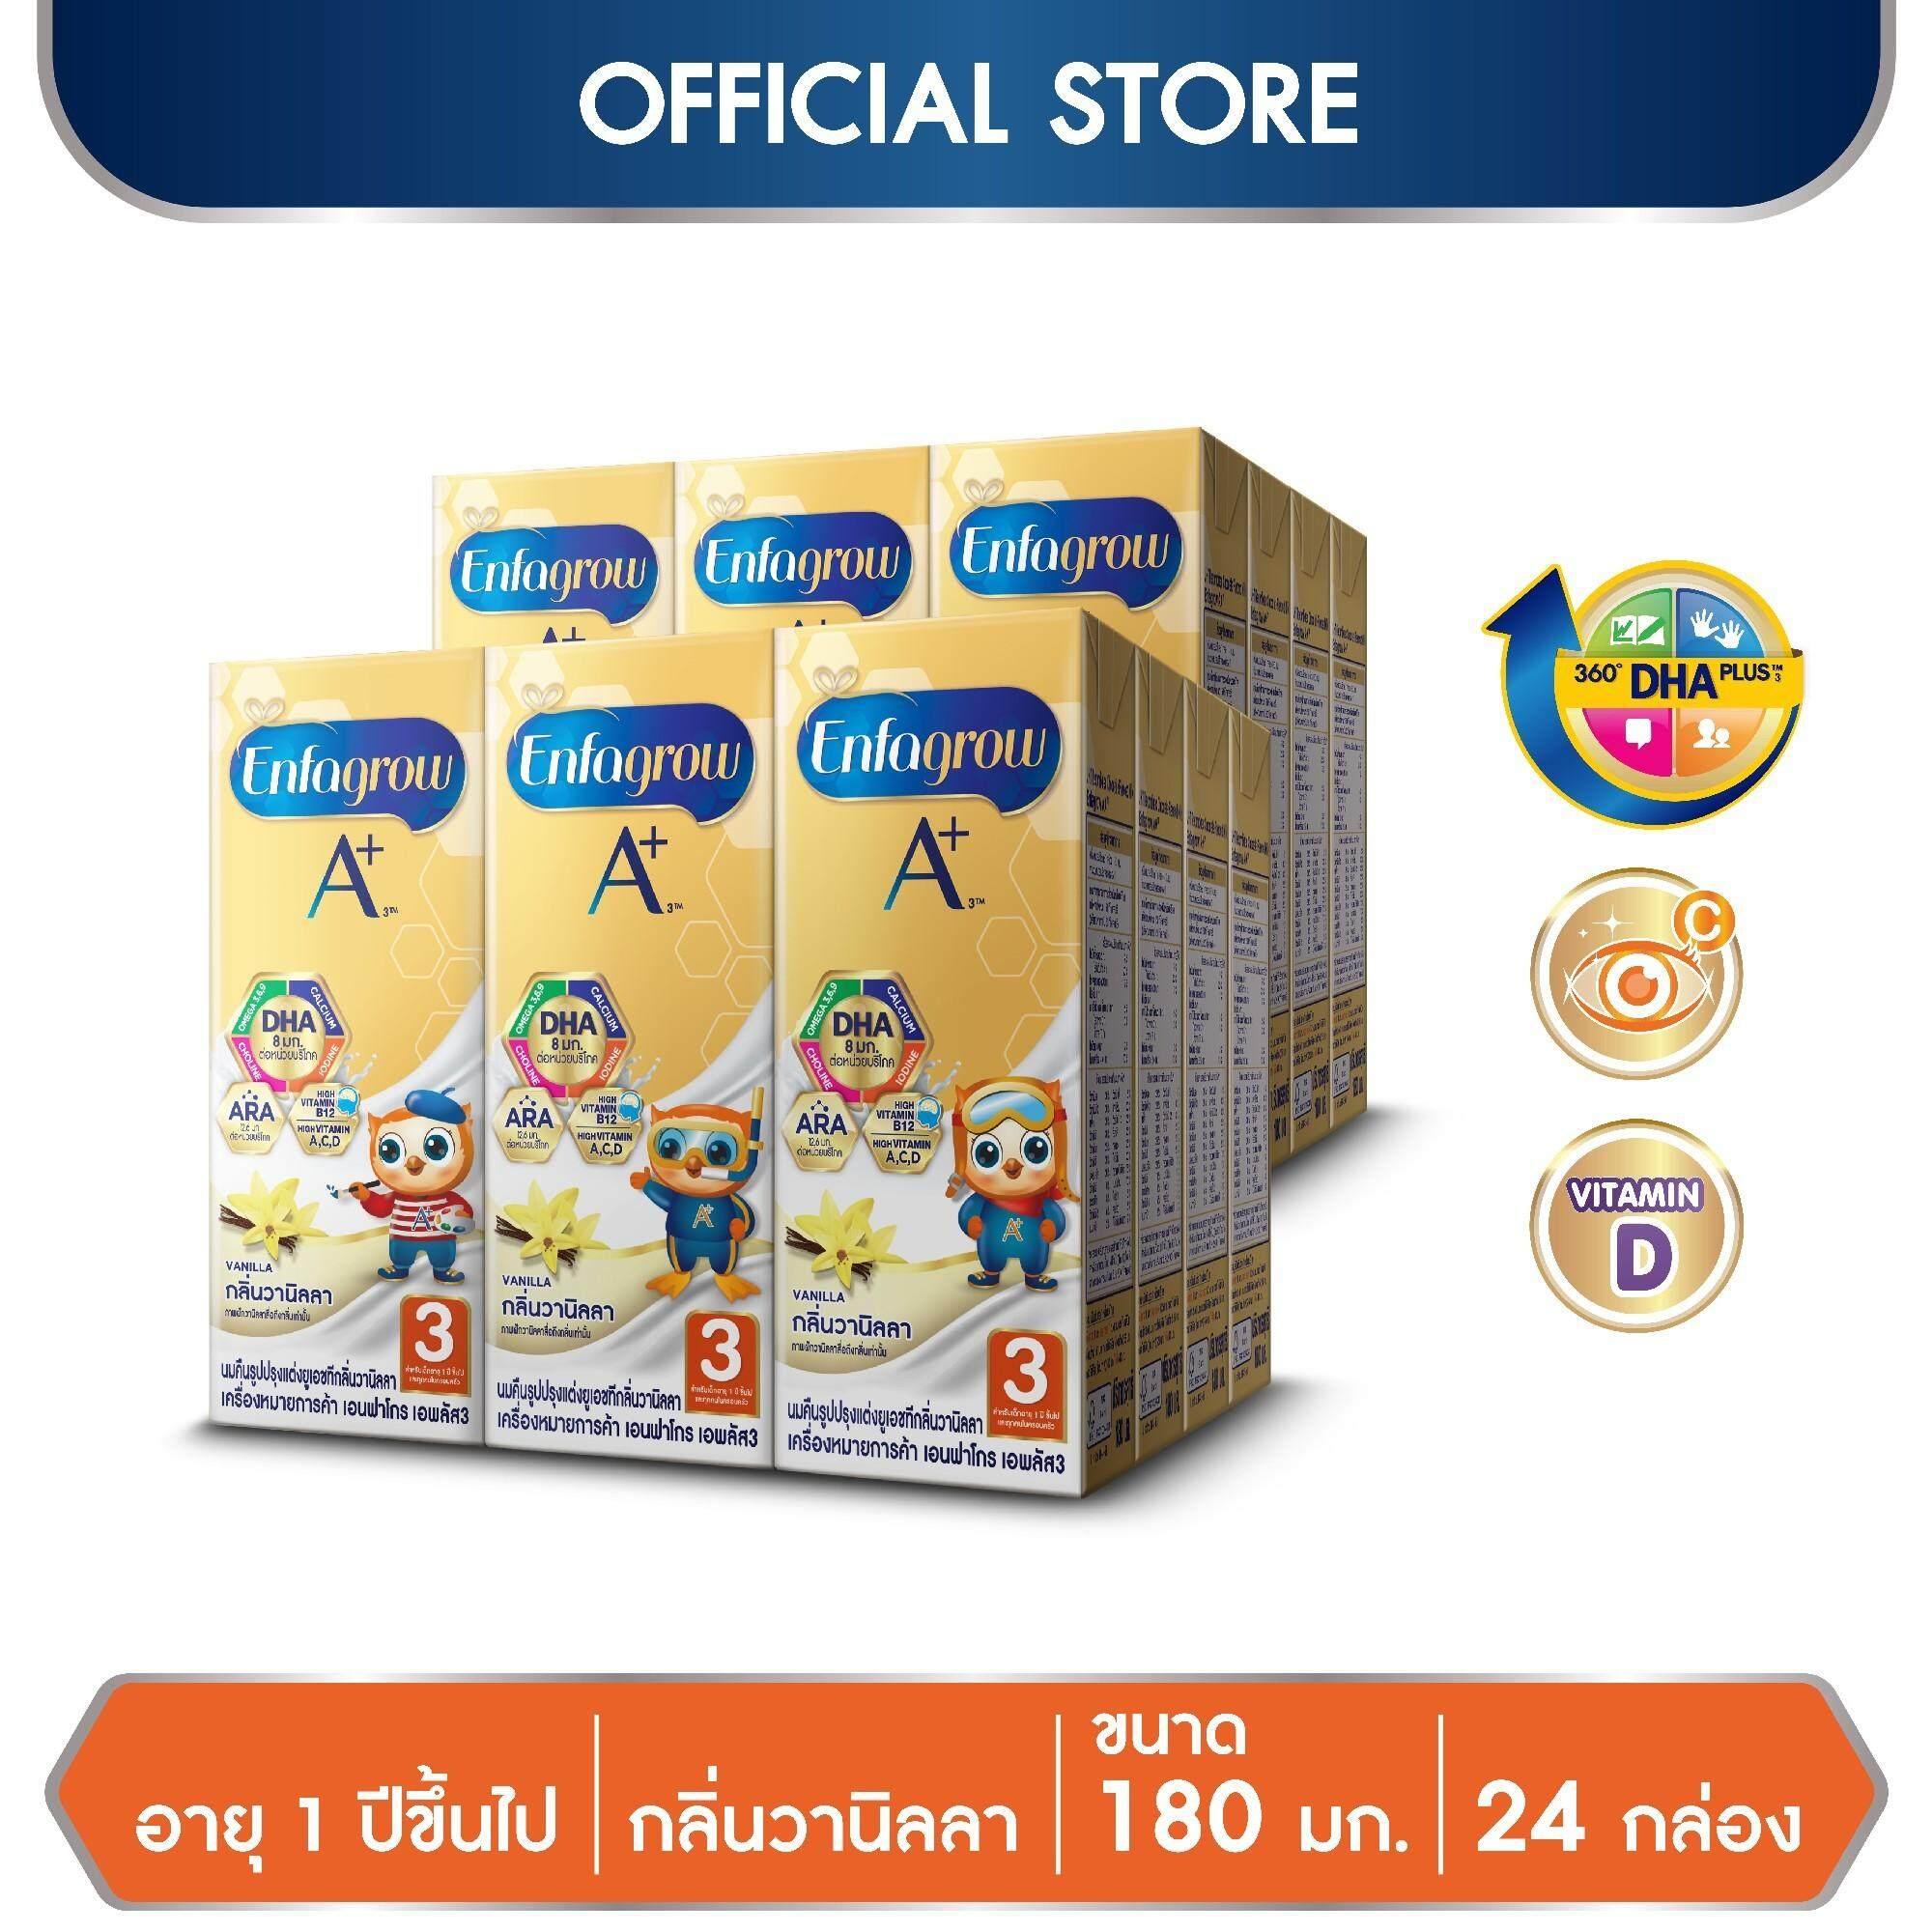 นมกล่อง ยูเอชที Enfagrow เอนฟาโกร เอพลัส สูตร 3 รสวานิลลา Uht สำหรับ เด็ก 24 กล่อง 180 มล. By Lazada Retail Enfagrow.